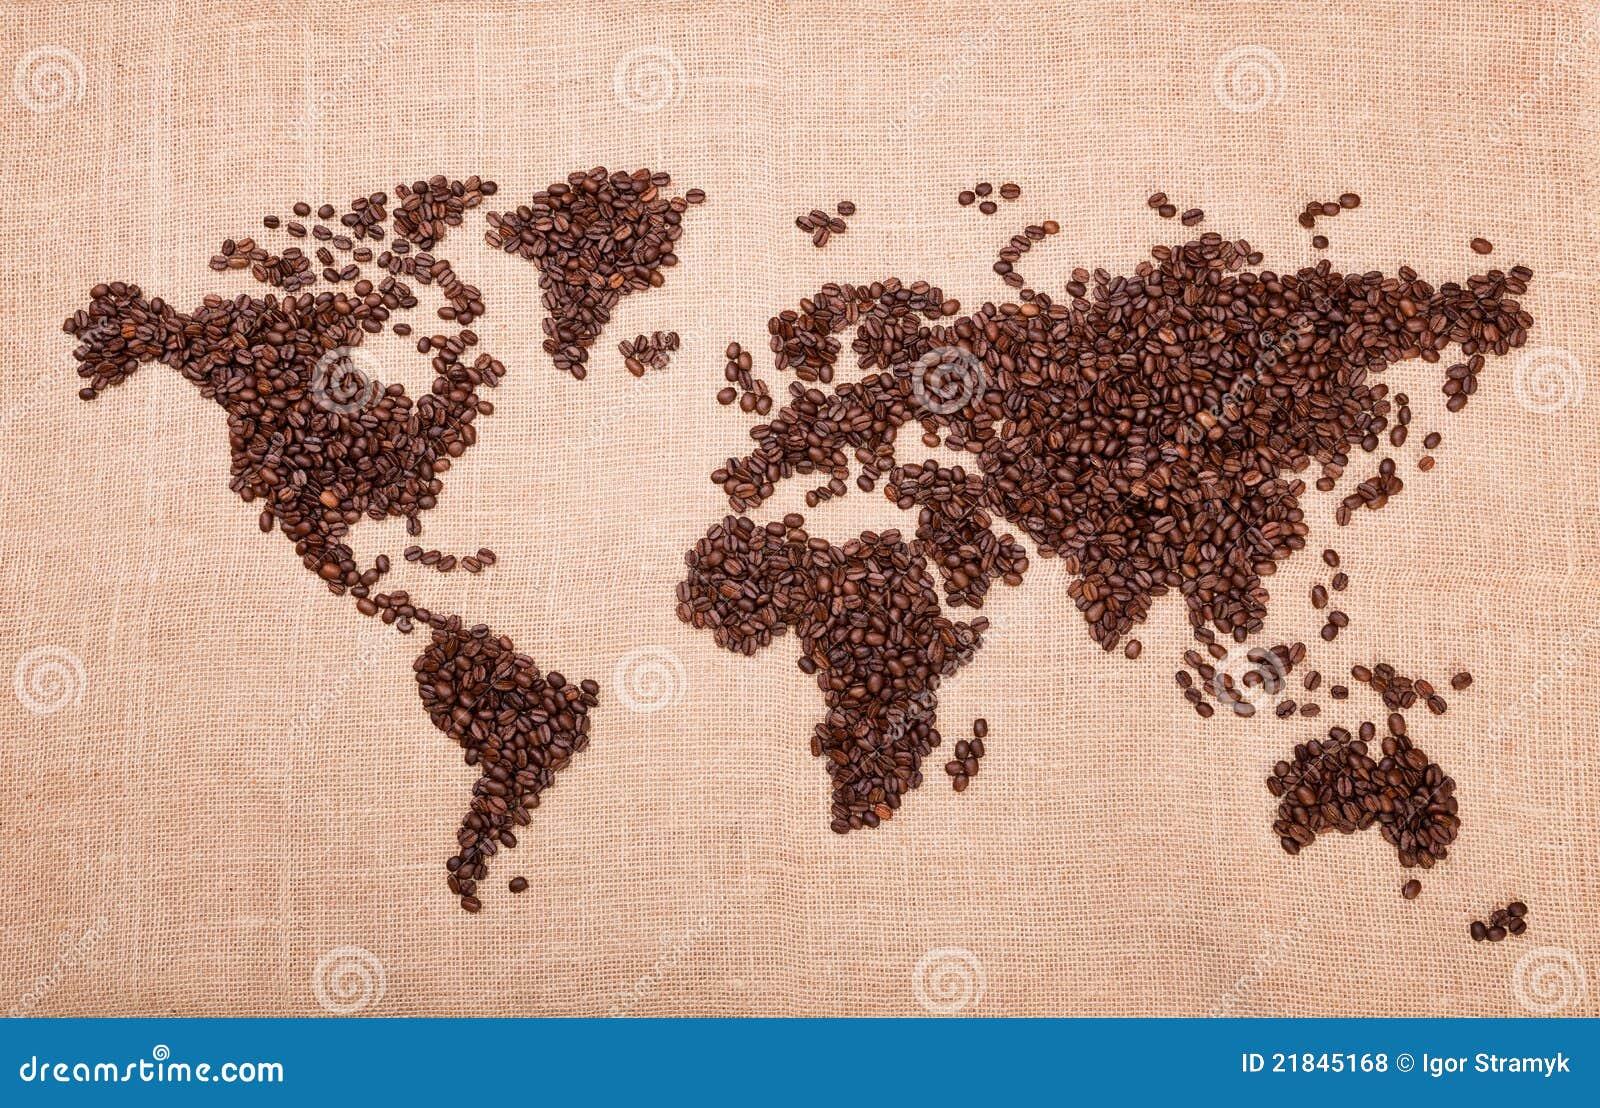 Kaffe gjorde översikten